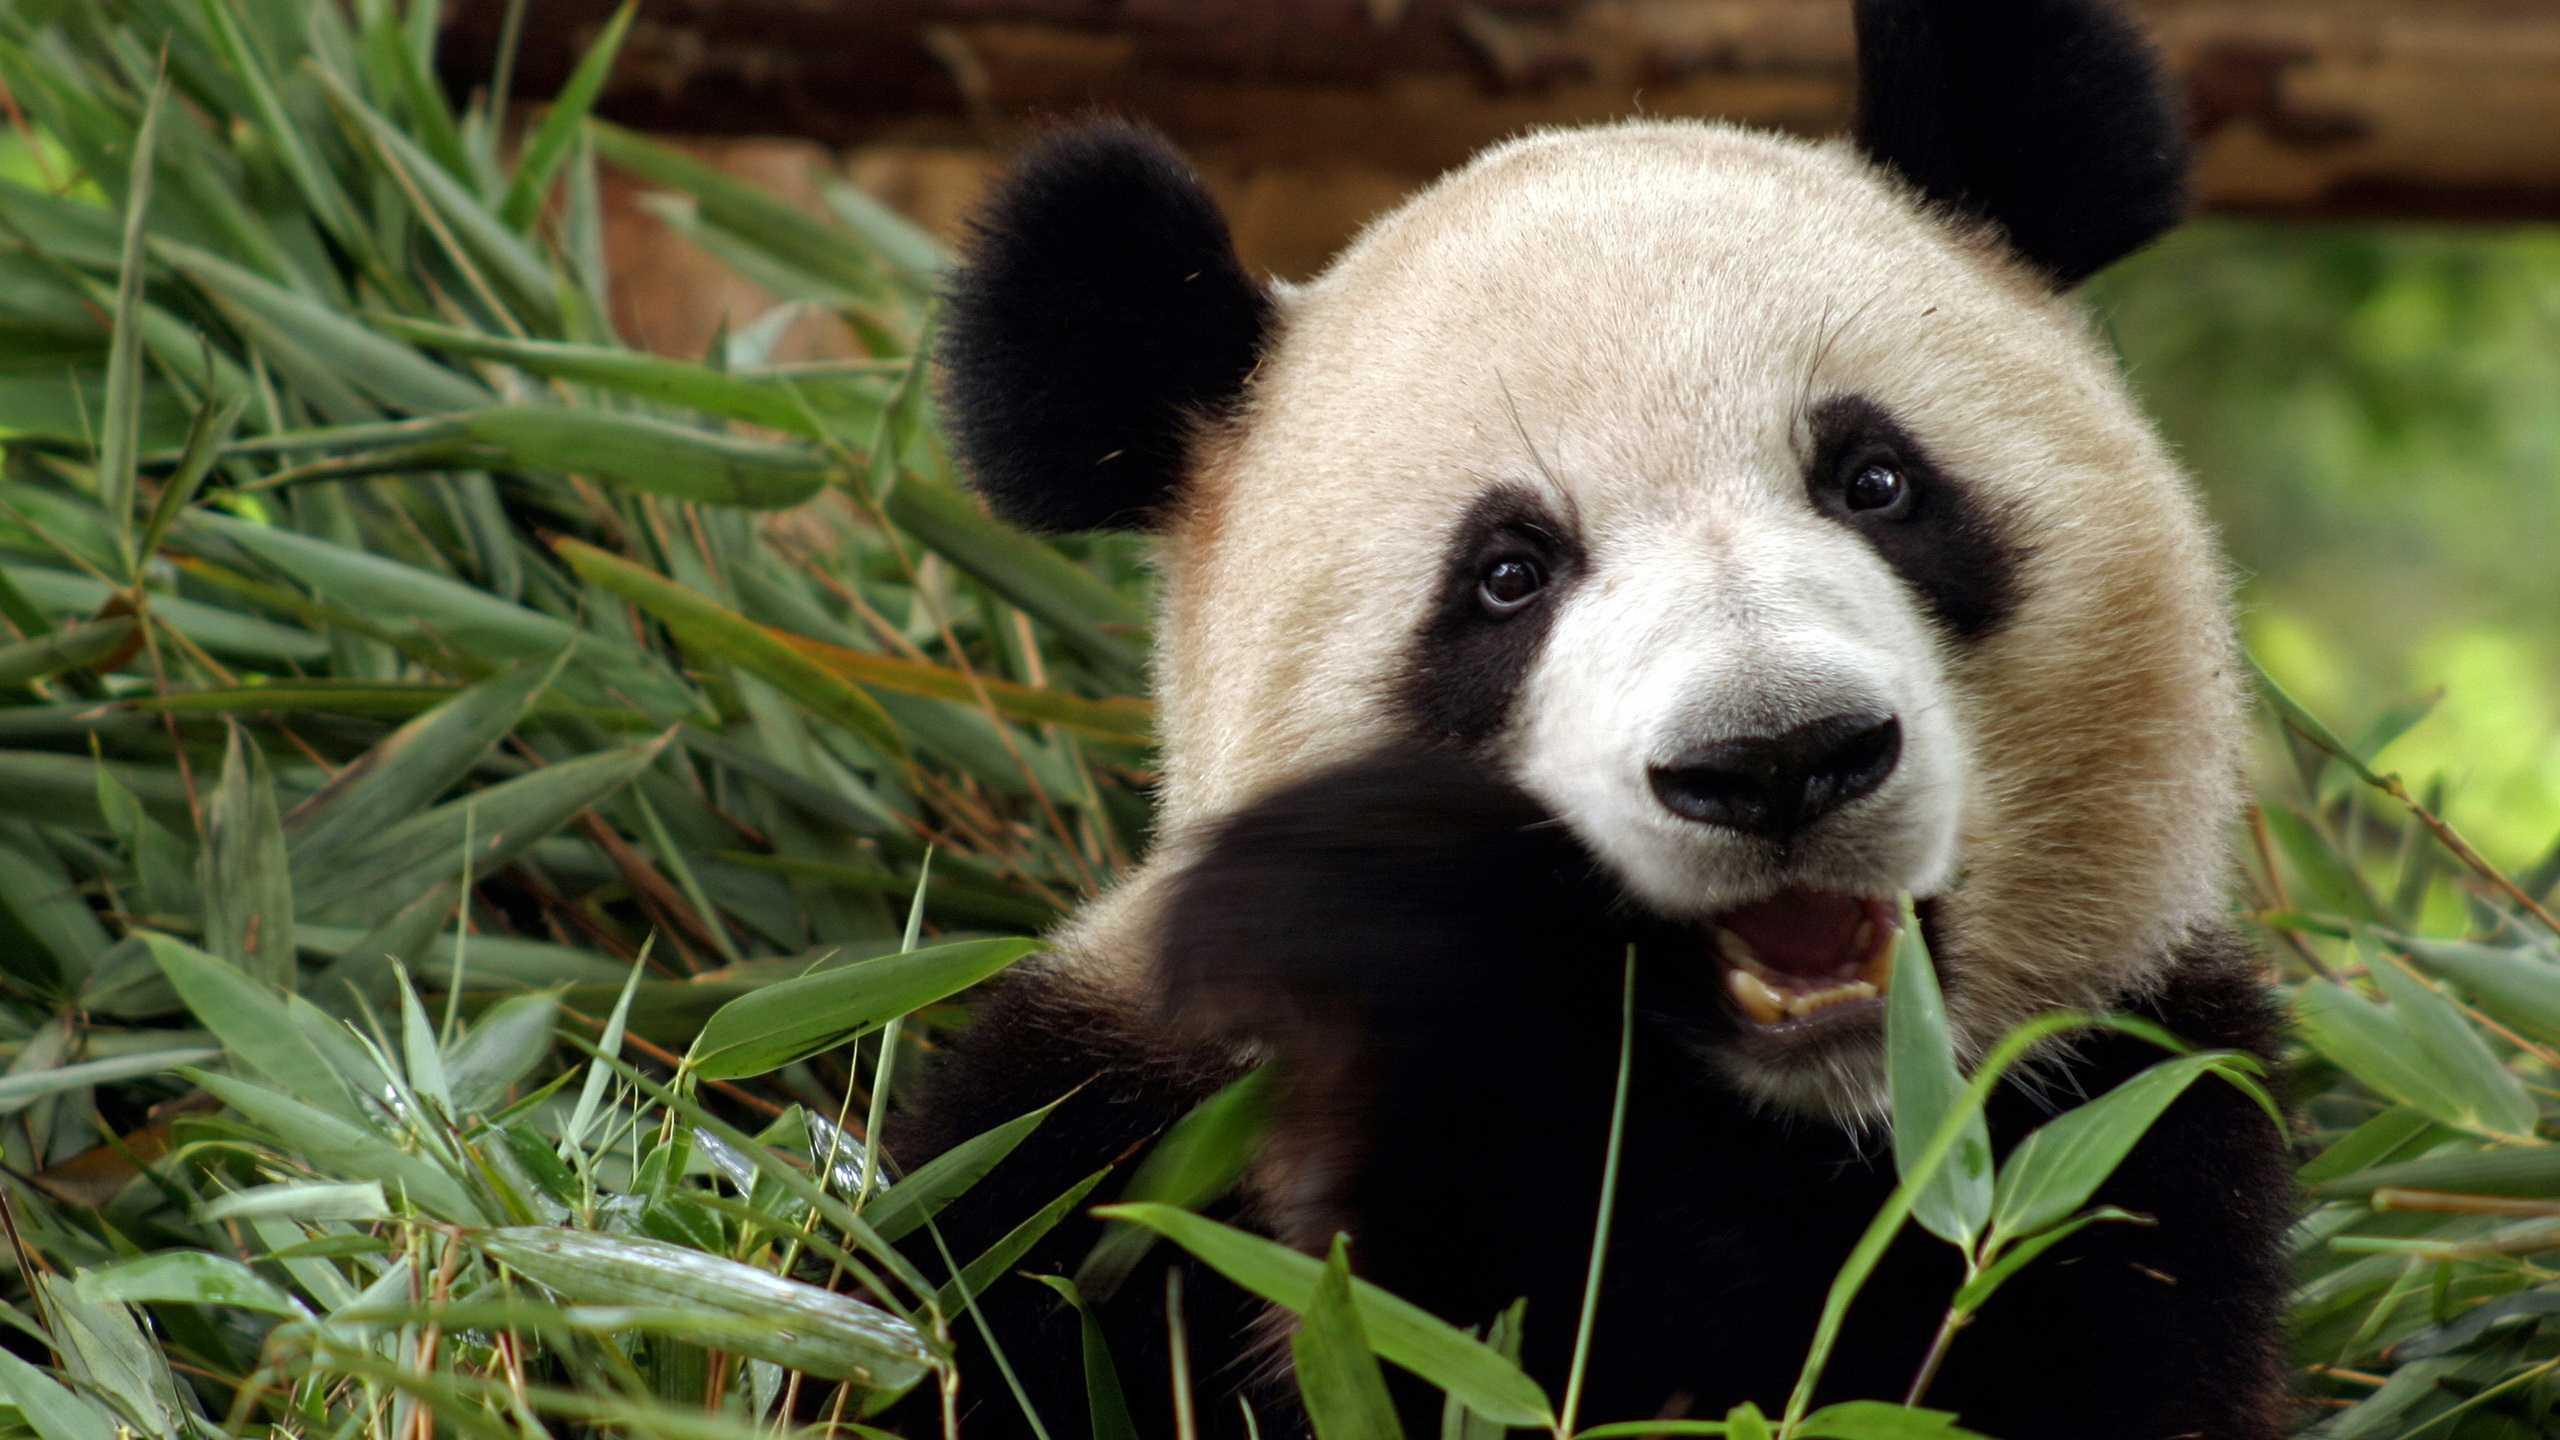 Panda Wallpaper Top 20 Best Wallpapers Of Cute Panda Bear 2560x1440